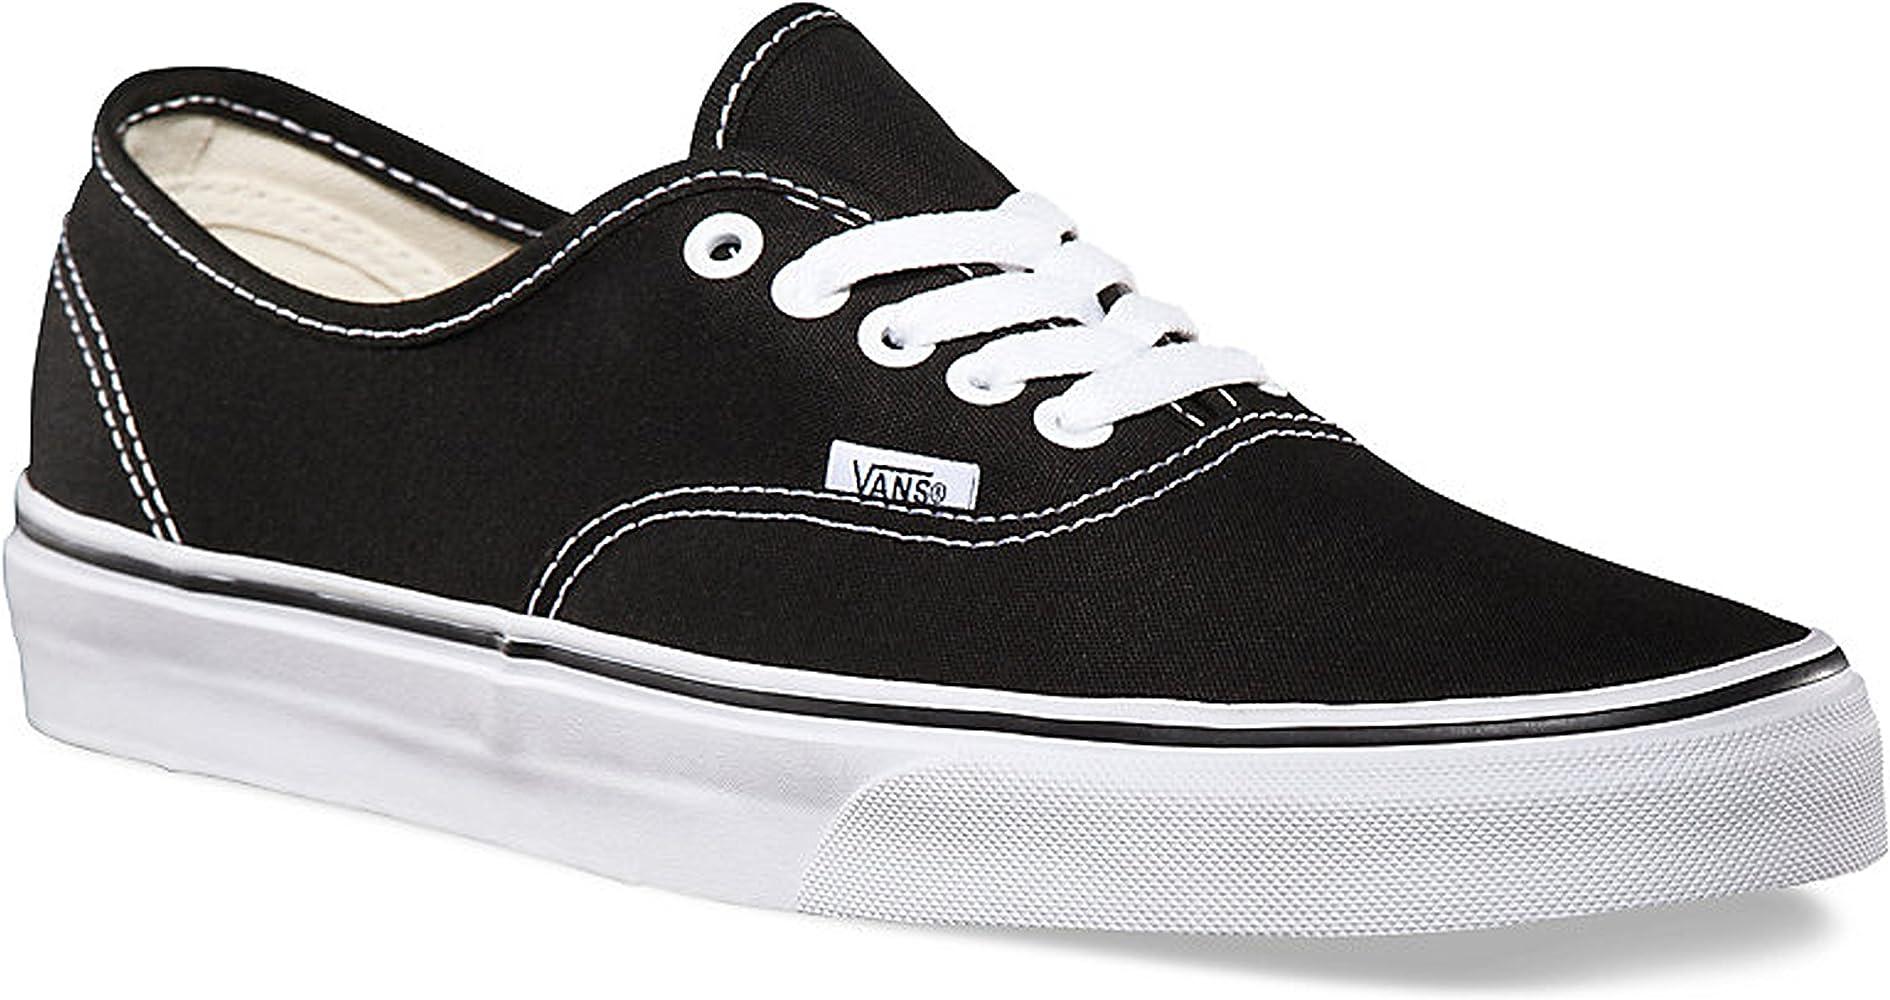 Vans Authentic Black White Canvas